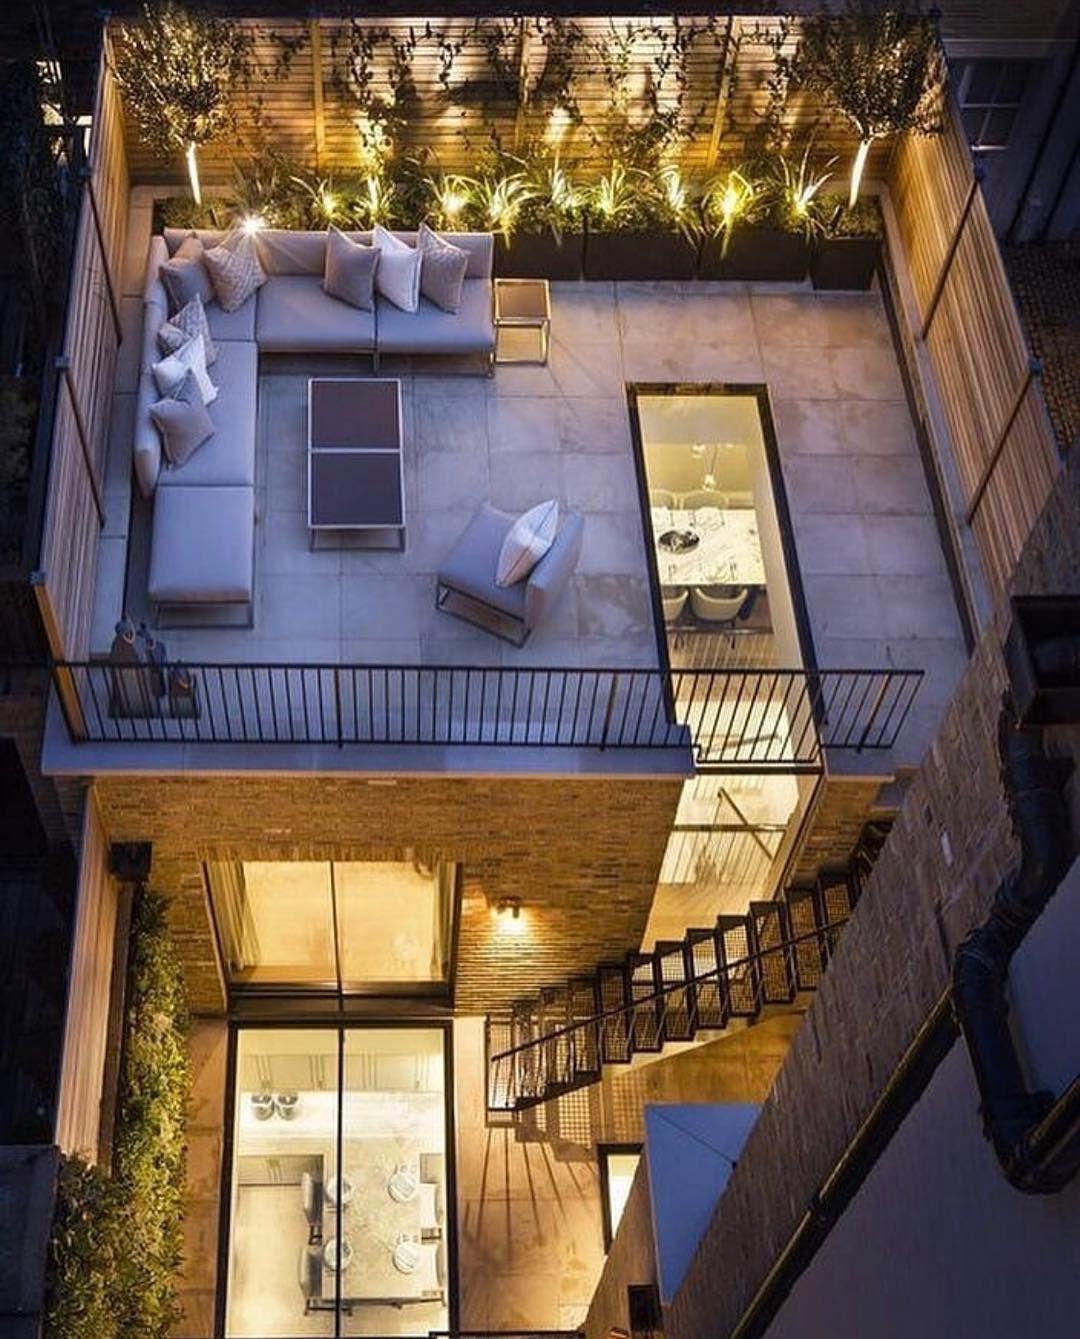 13 Diseno de terrazas en azoteas